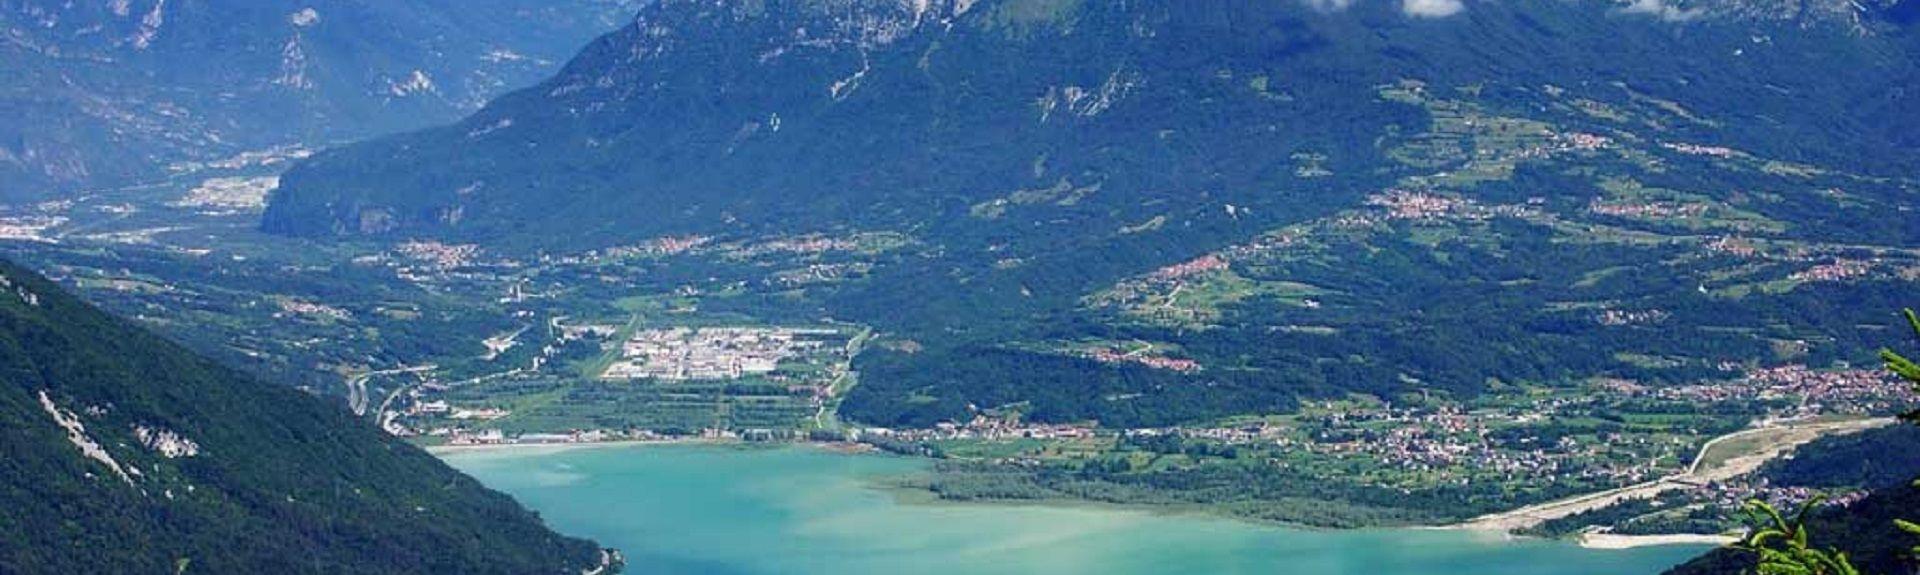 Aviano, Province of Pordenone, Friuli-Venezia Giulia, Italy